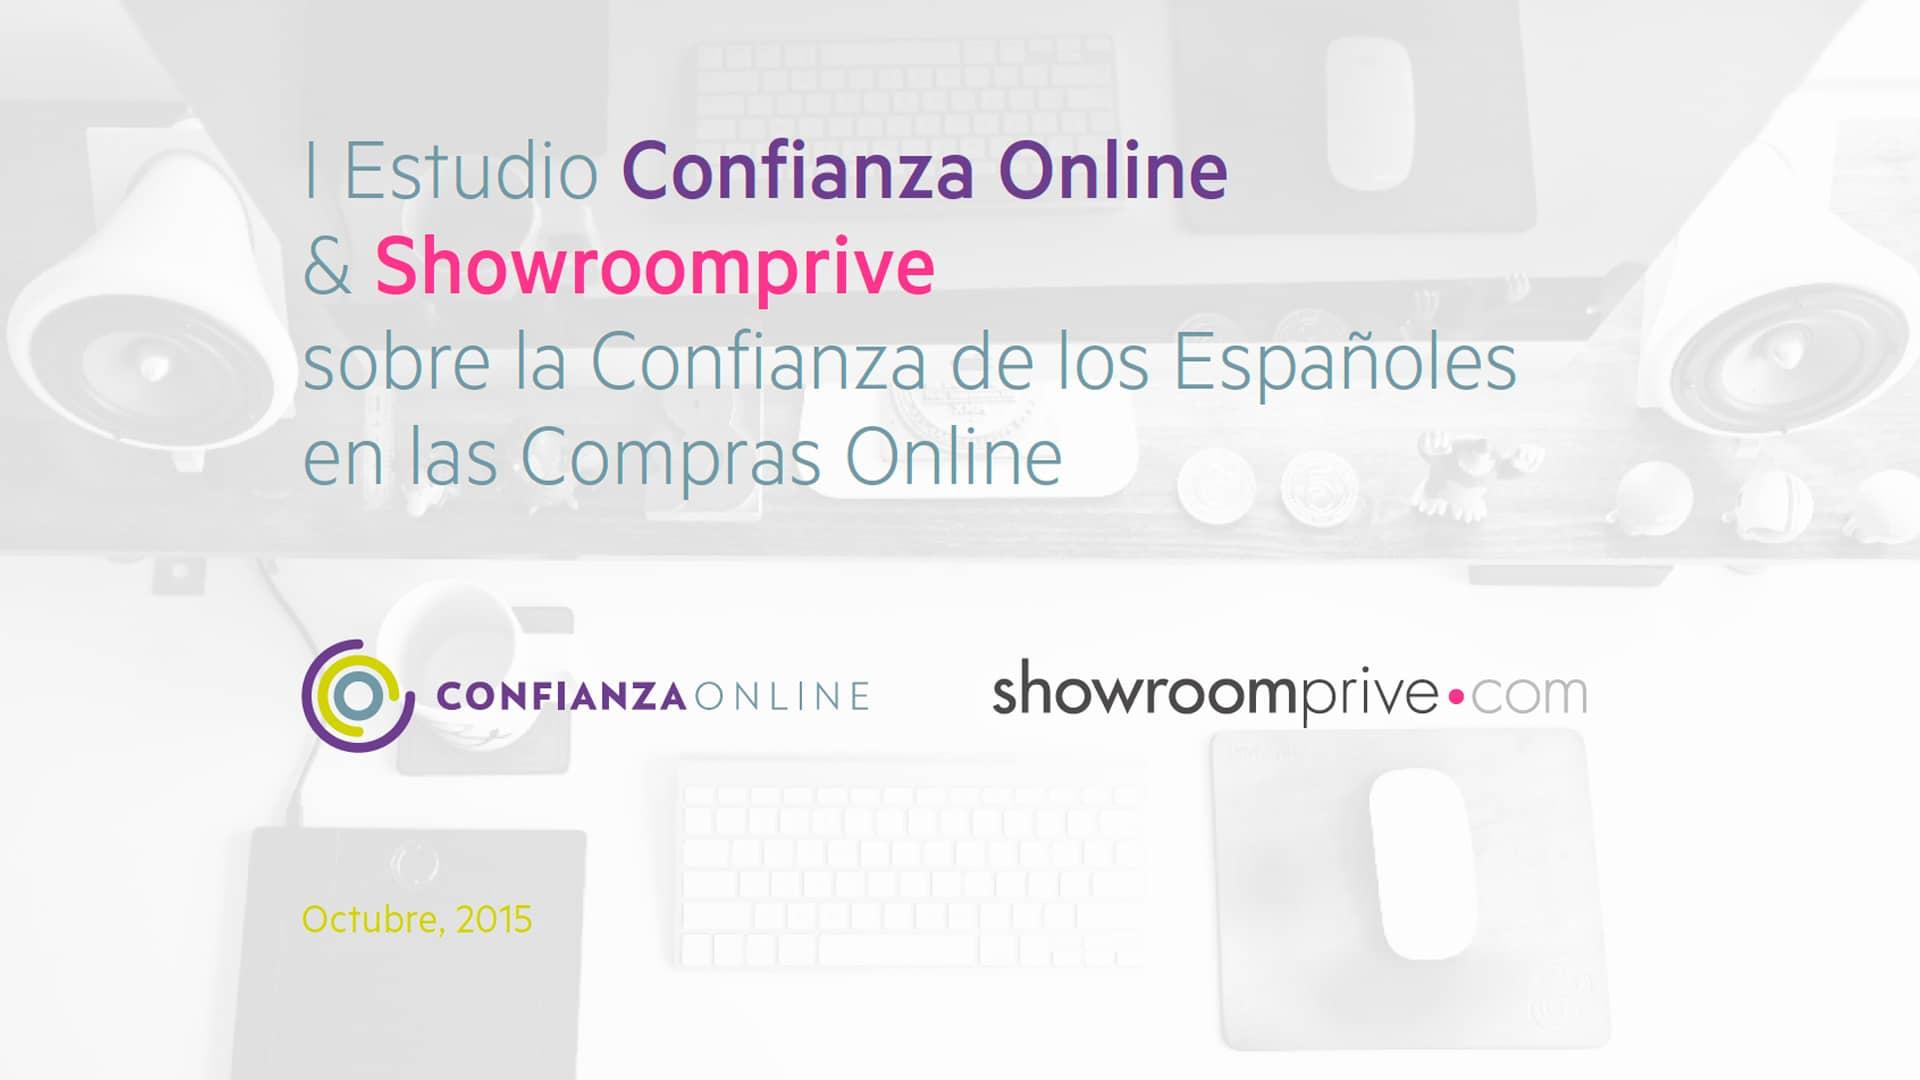 I Estudio de Confianza Online y Showroomprive